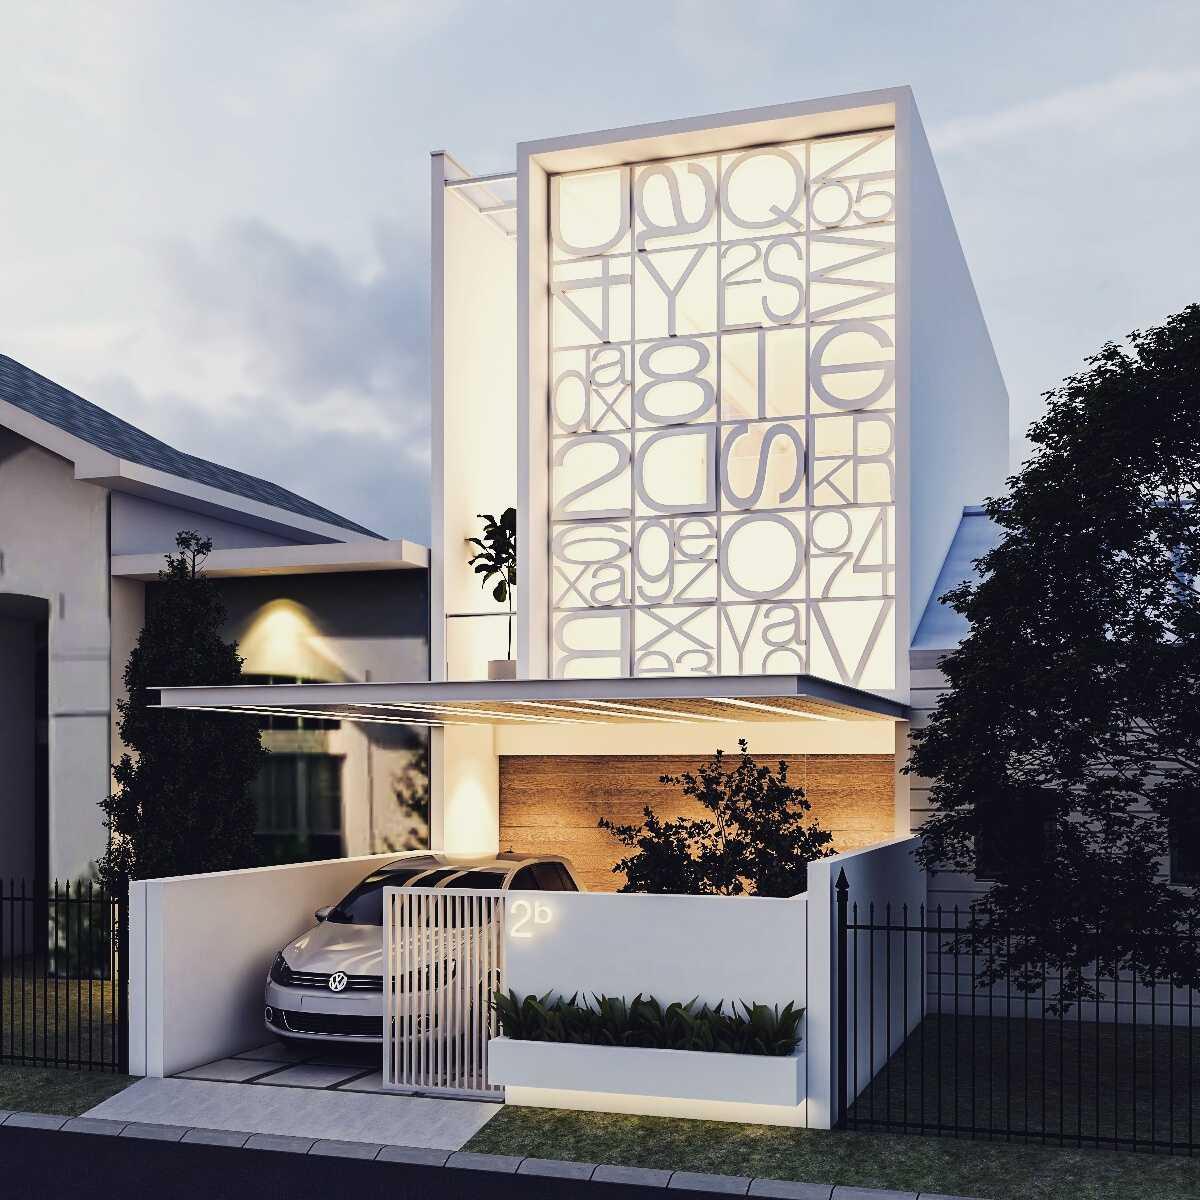 Rumah minimalis perkotaan dengan 1 carport House at Kopo karya .interval (Sumber:arsitag.com)